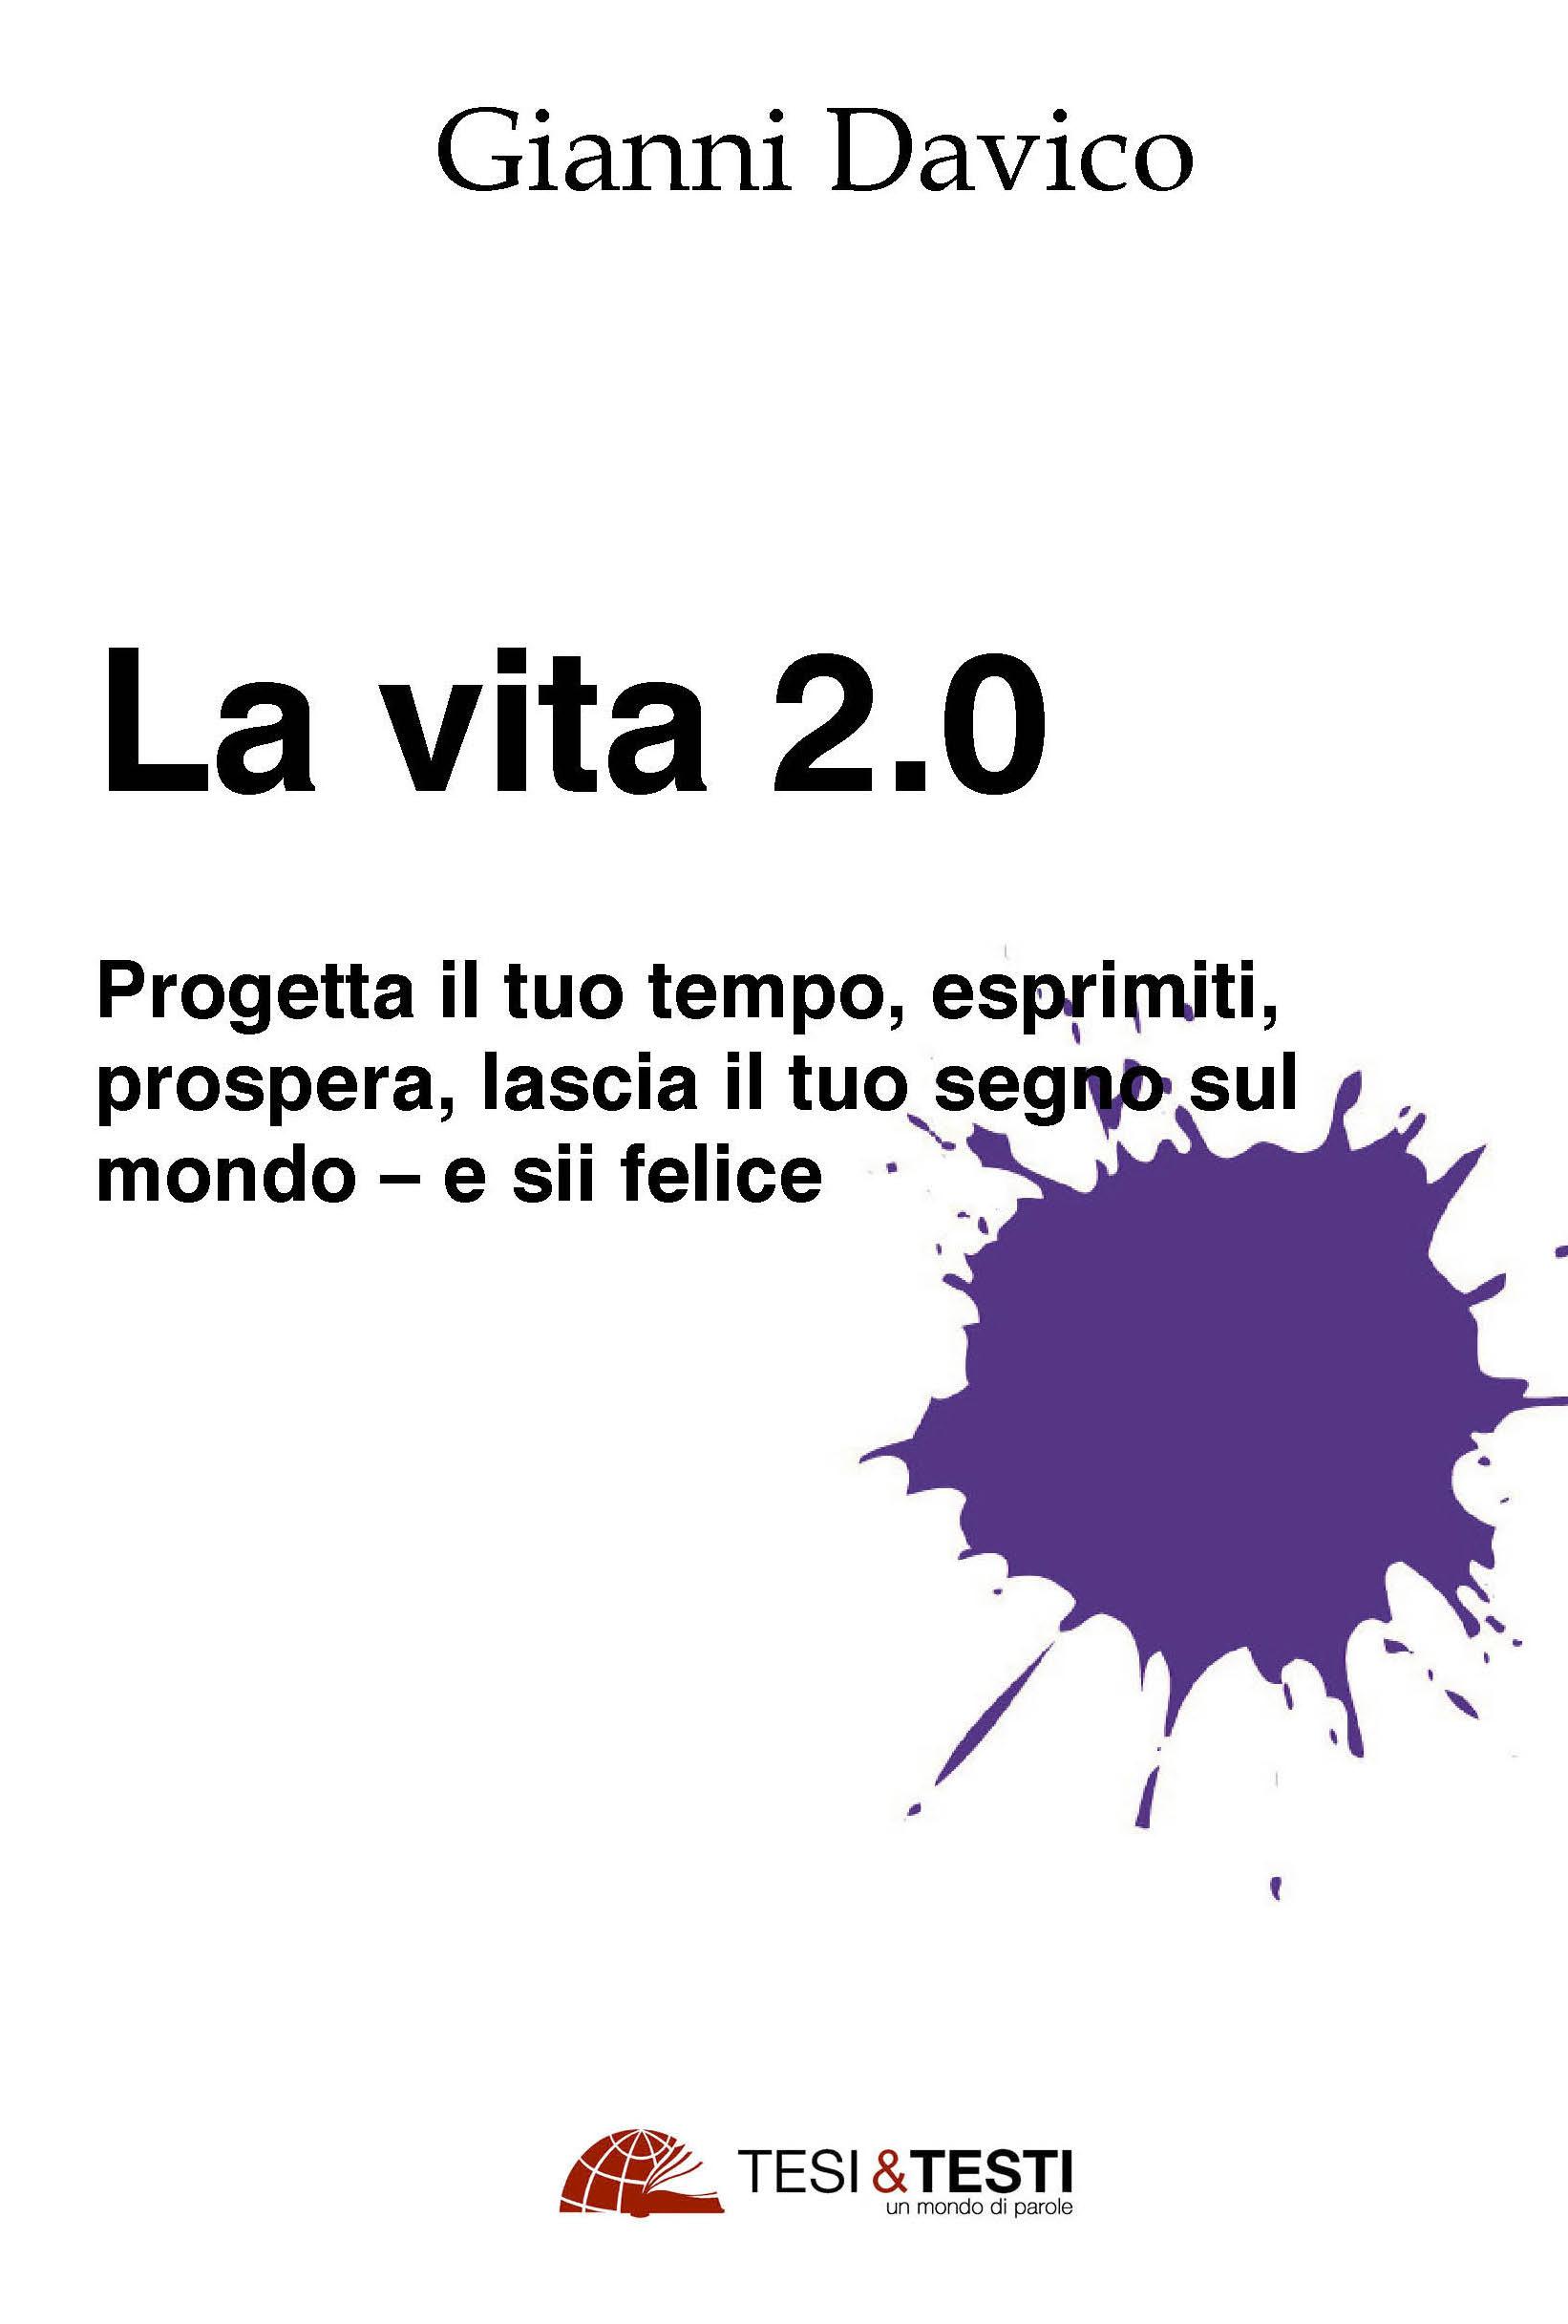 Una vita 2.0, intervista a Gianni Davico